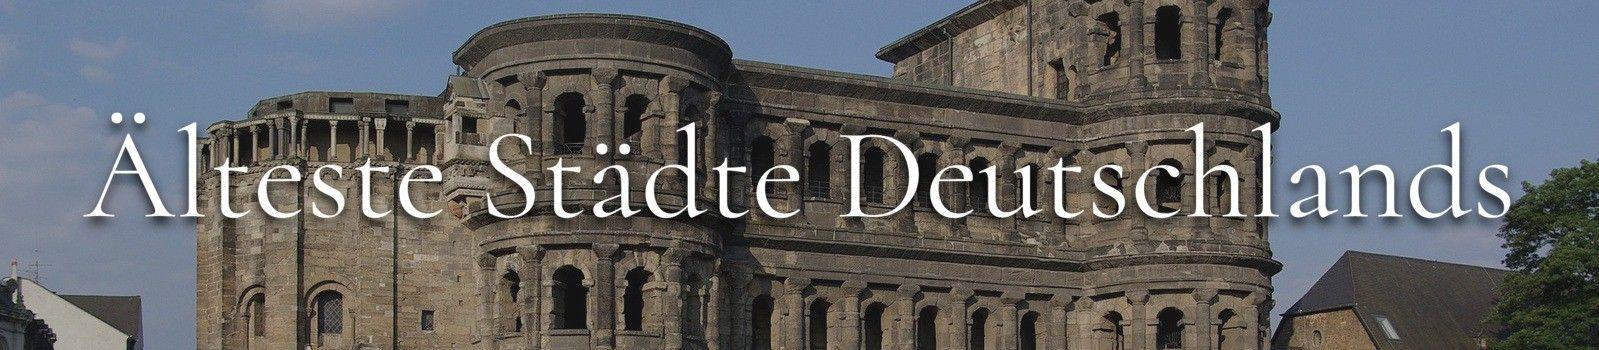 Älteste Stadt Deutschlands Banner